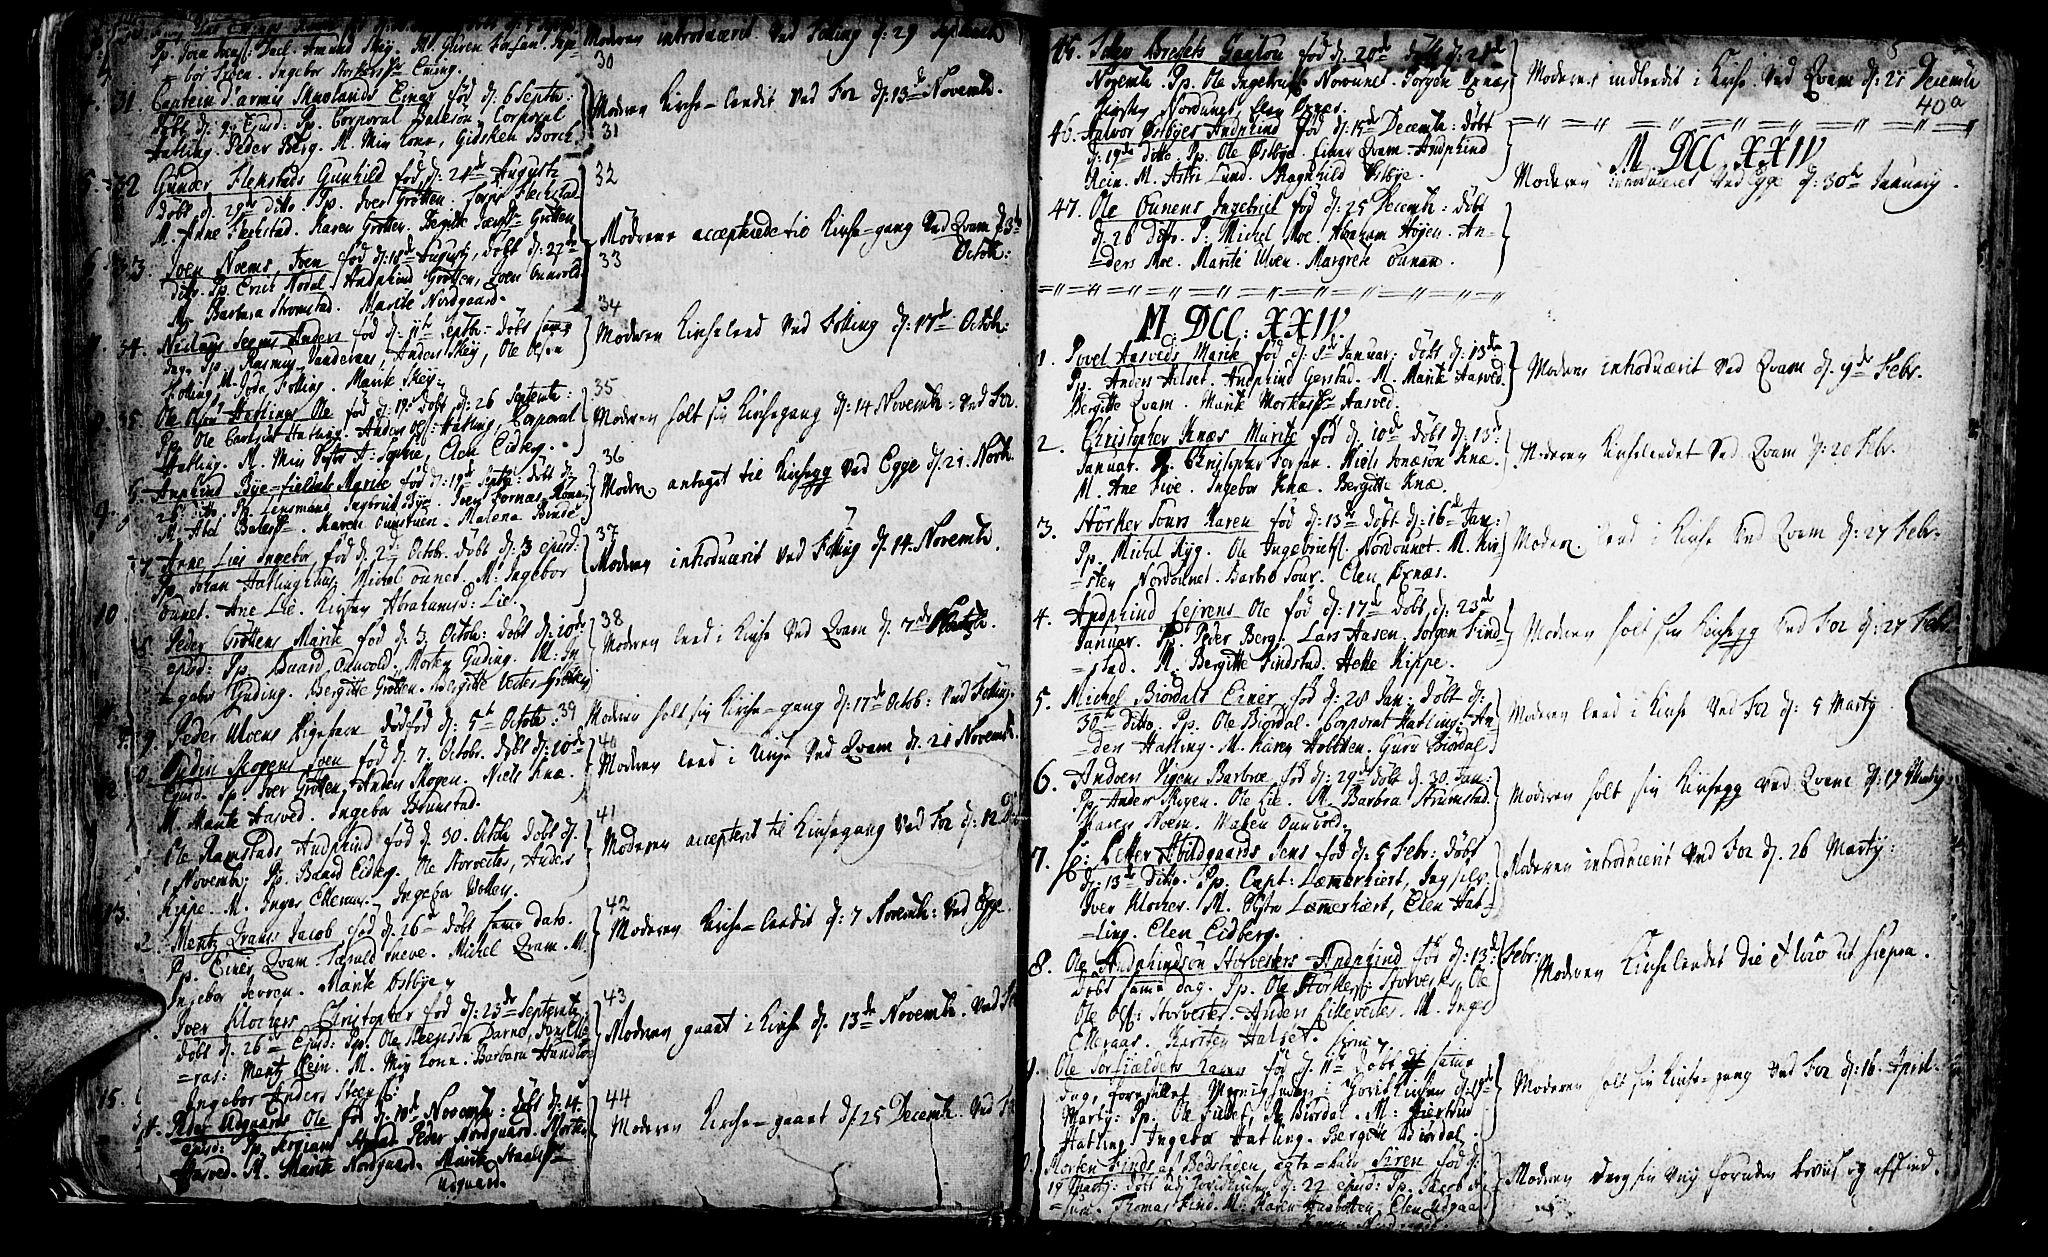 SAT, Ministerialprotokoller, klokkerbøker og fødselsregistre - Nord-Trøndelag, 746/L0439: Ministerialbok nr. 746A01, 1688-1759, s. 40b